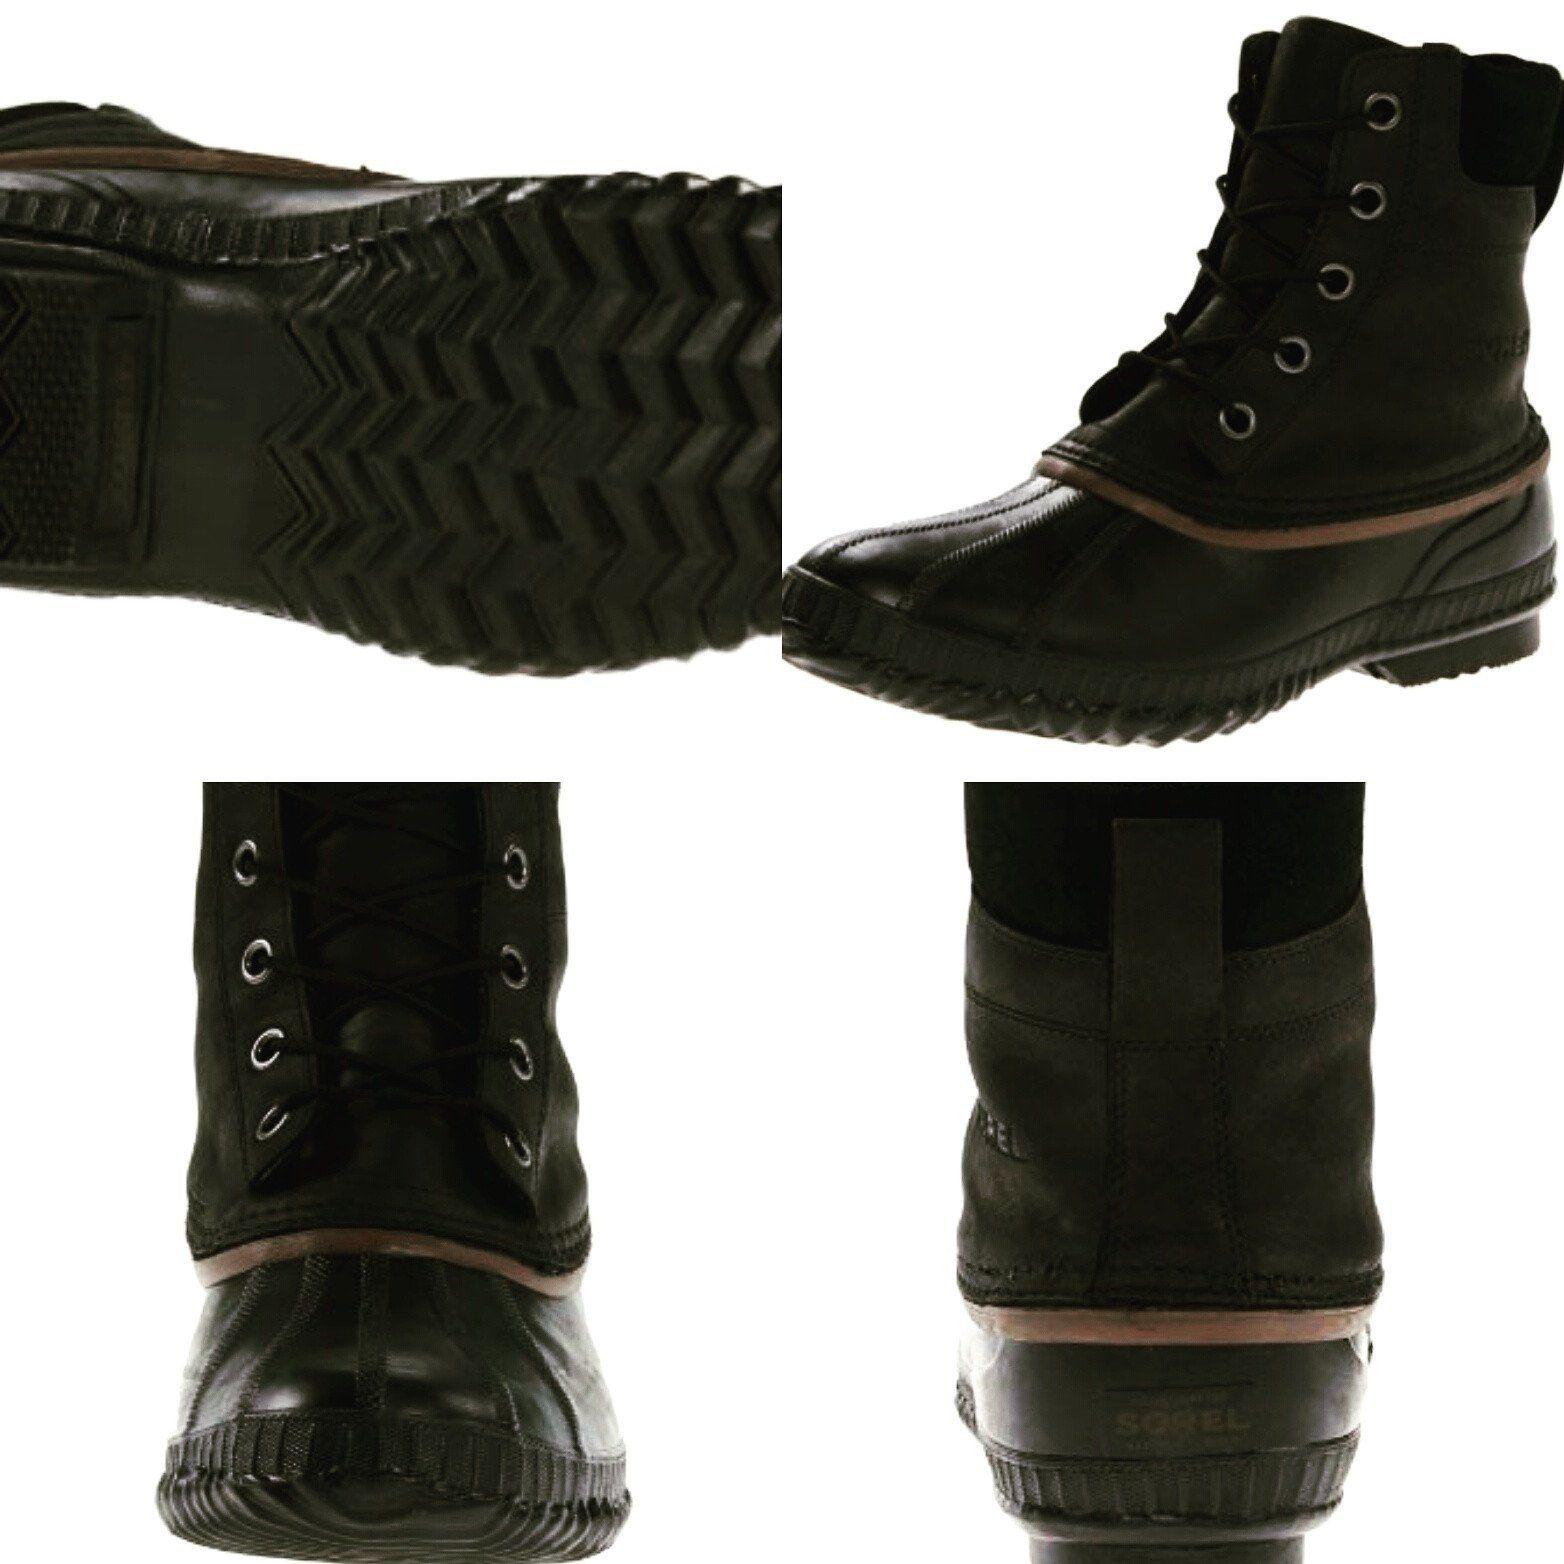 Sorel Men's Cheyanne Full Grain Rain Boot